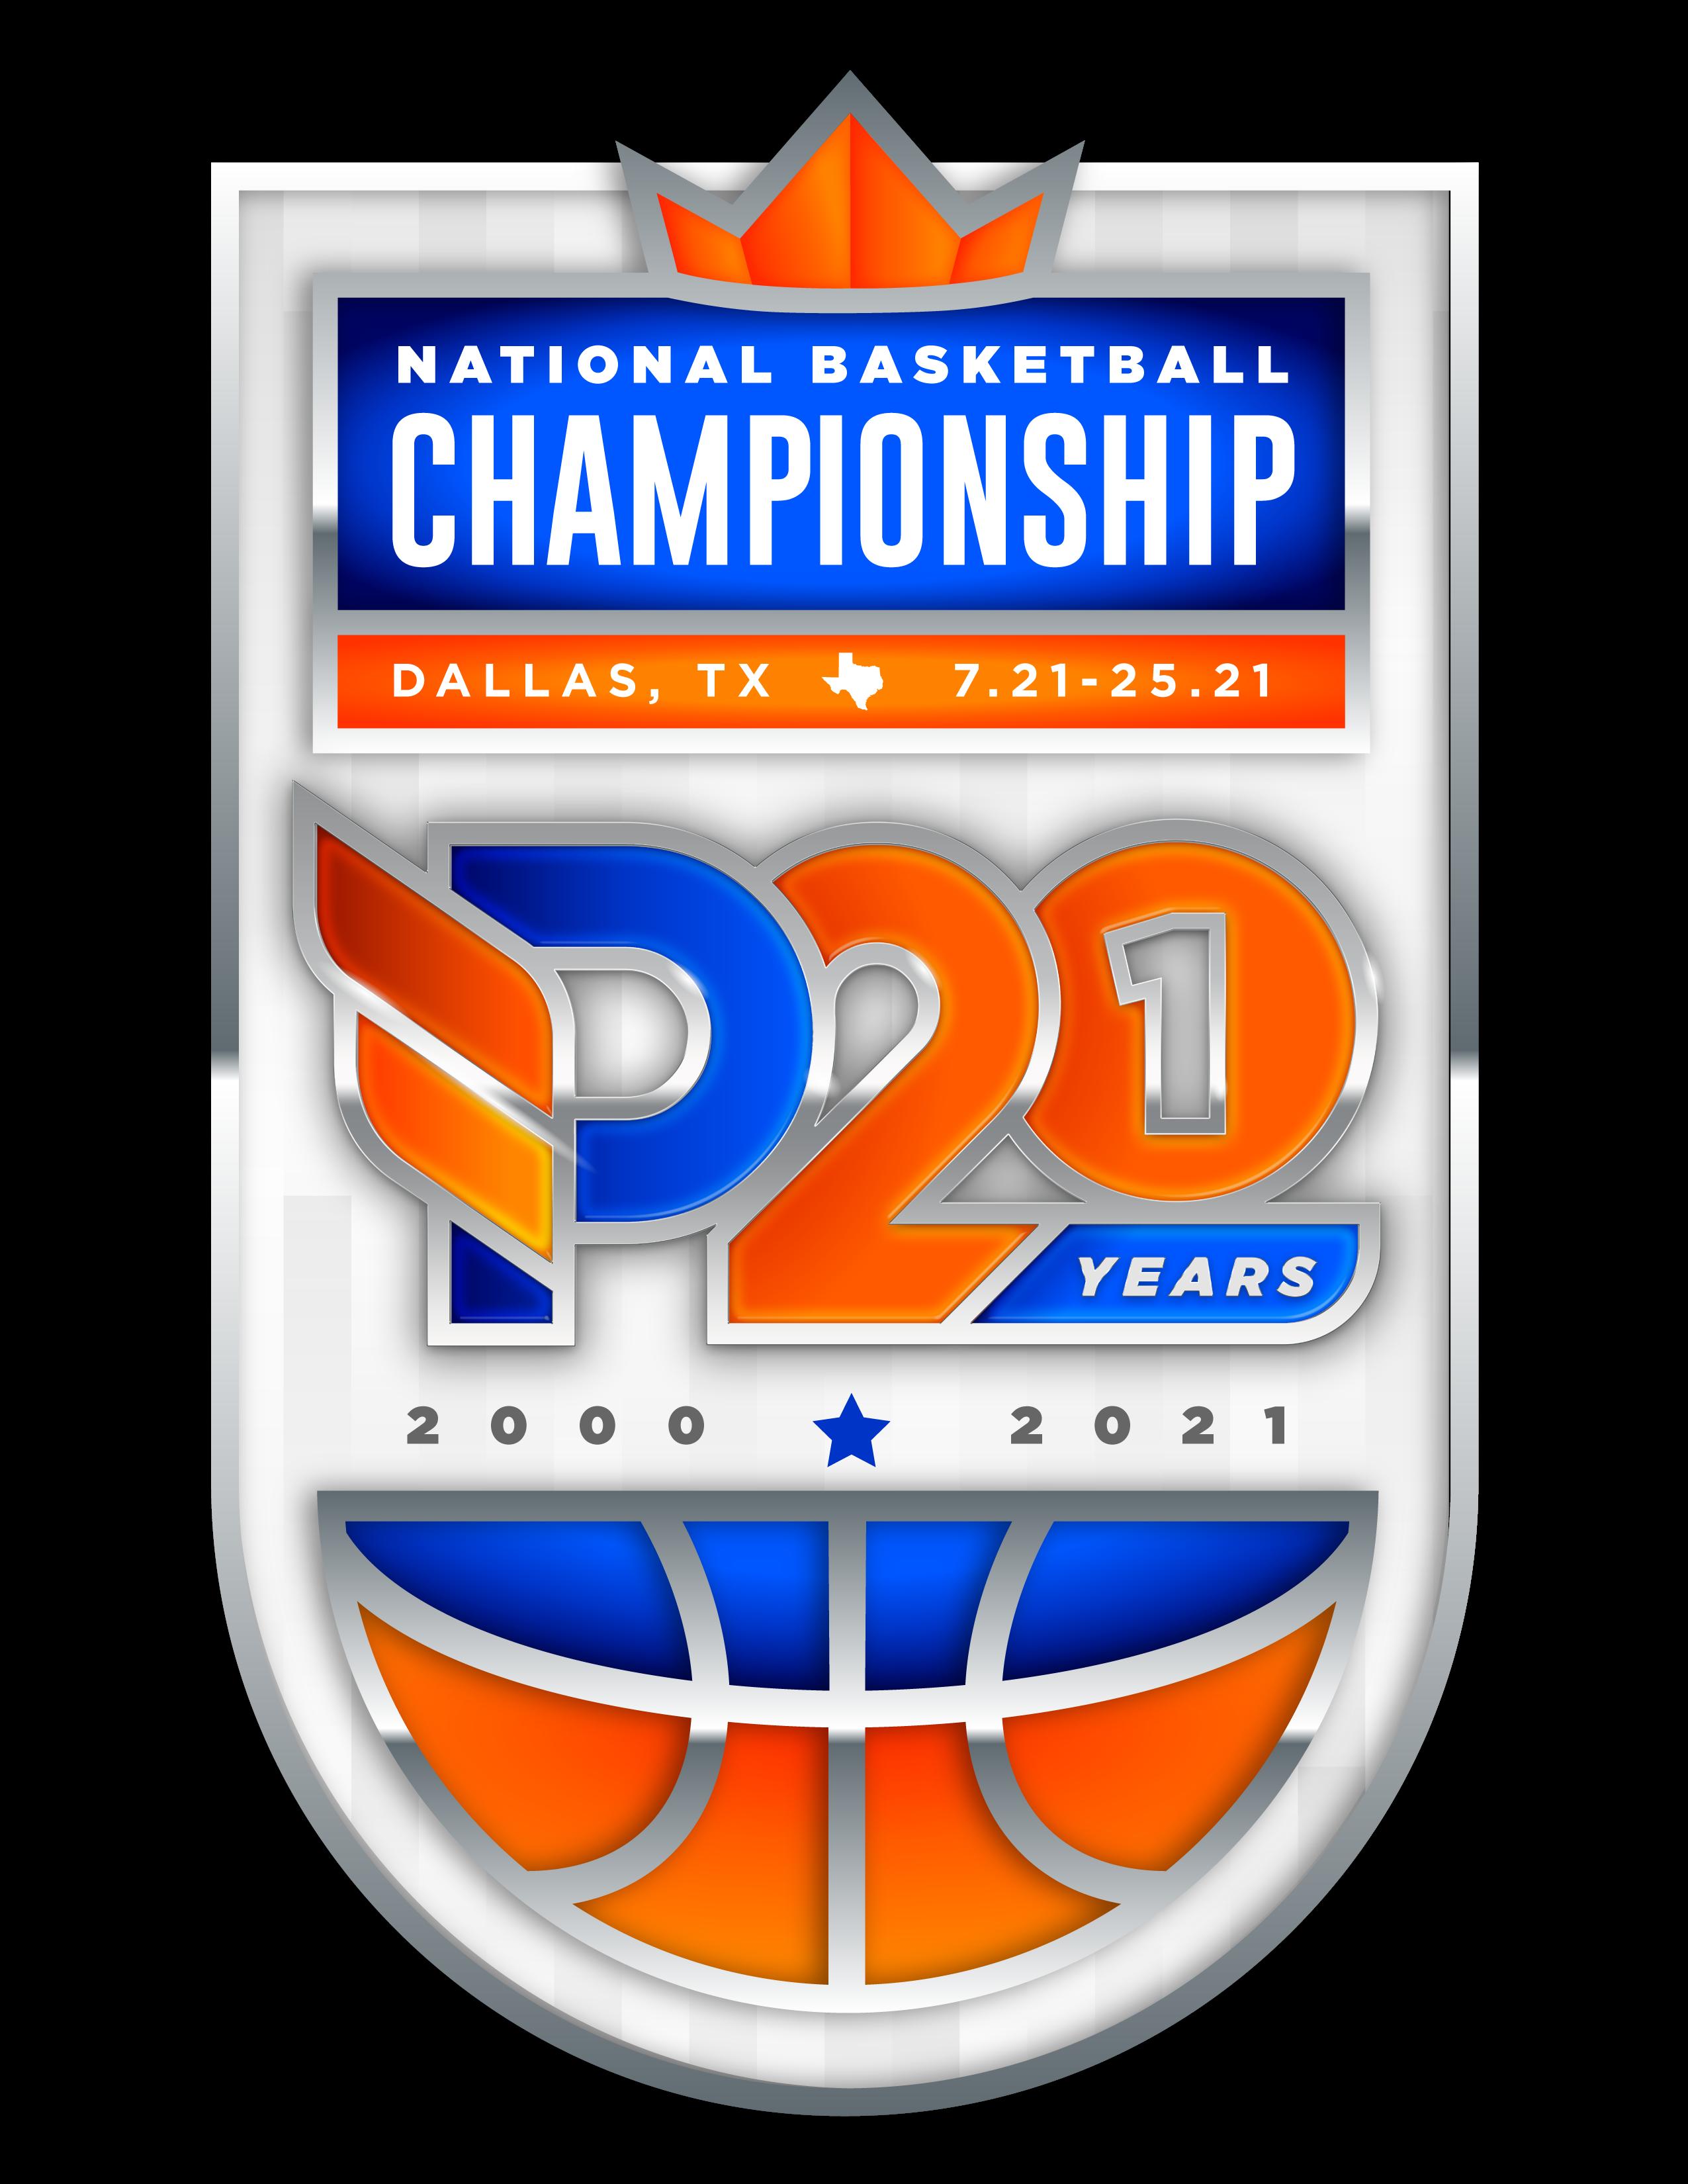 2021 NATIONAL BASKETBALL CHAMPIONSHIP